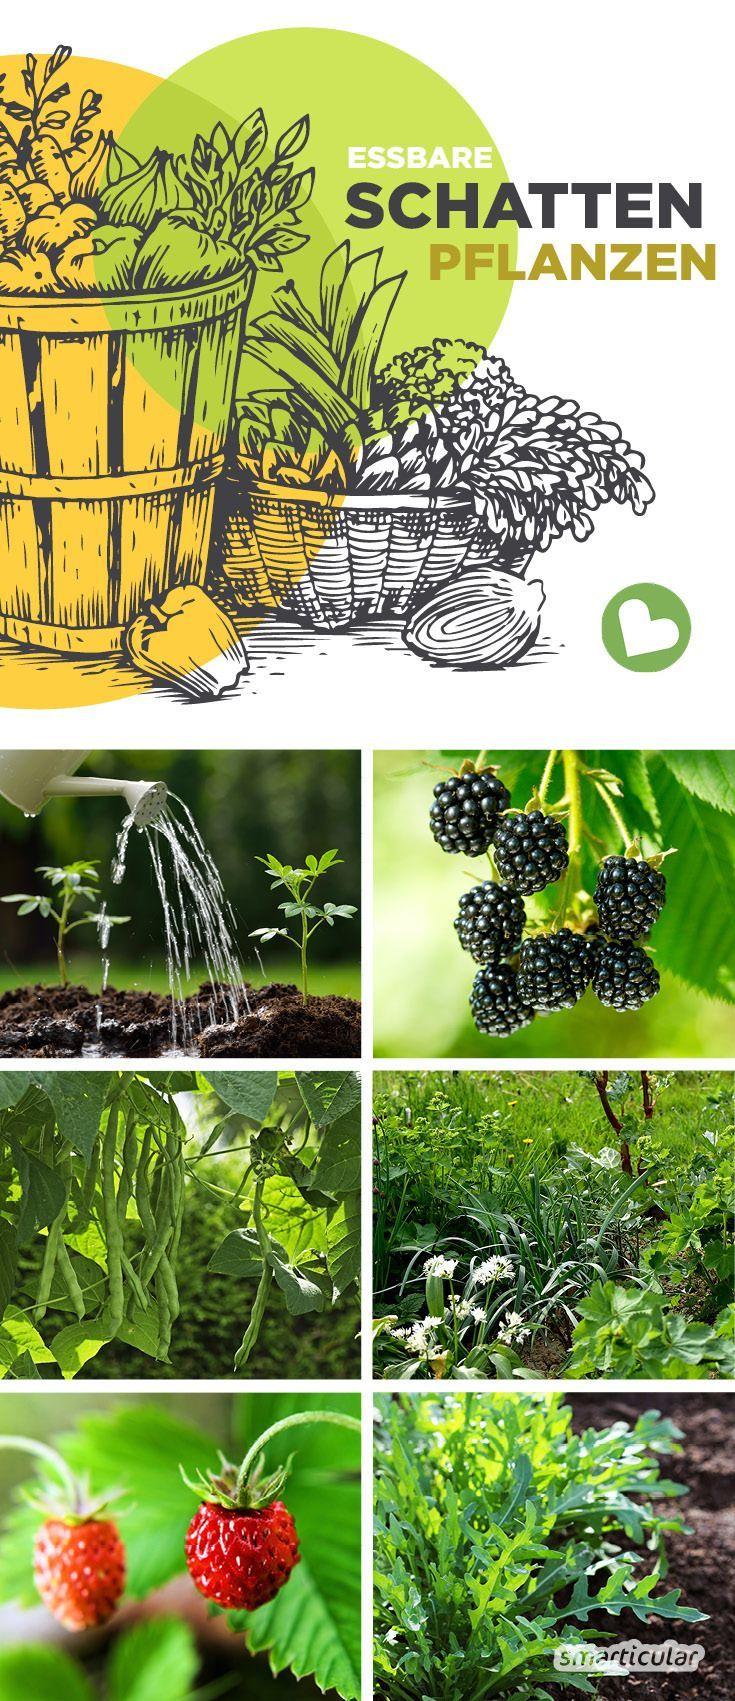 Im (Halb-)Schatten gedeihen mehr Gemüsesorten, als die meisten glauben. Mit ein